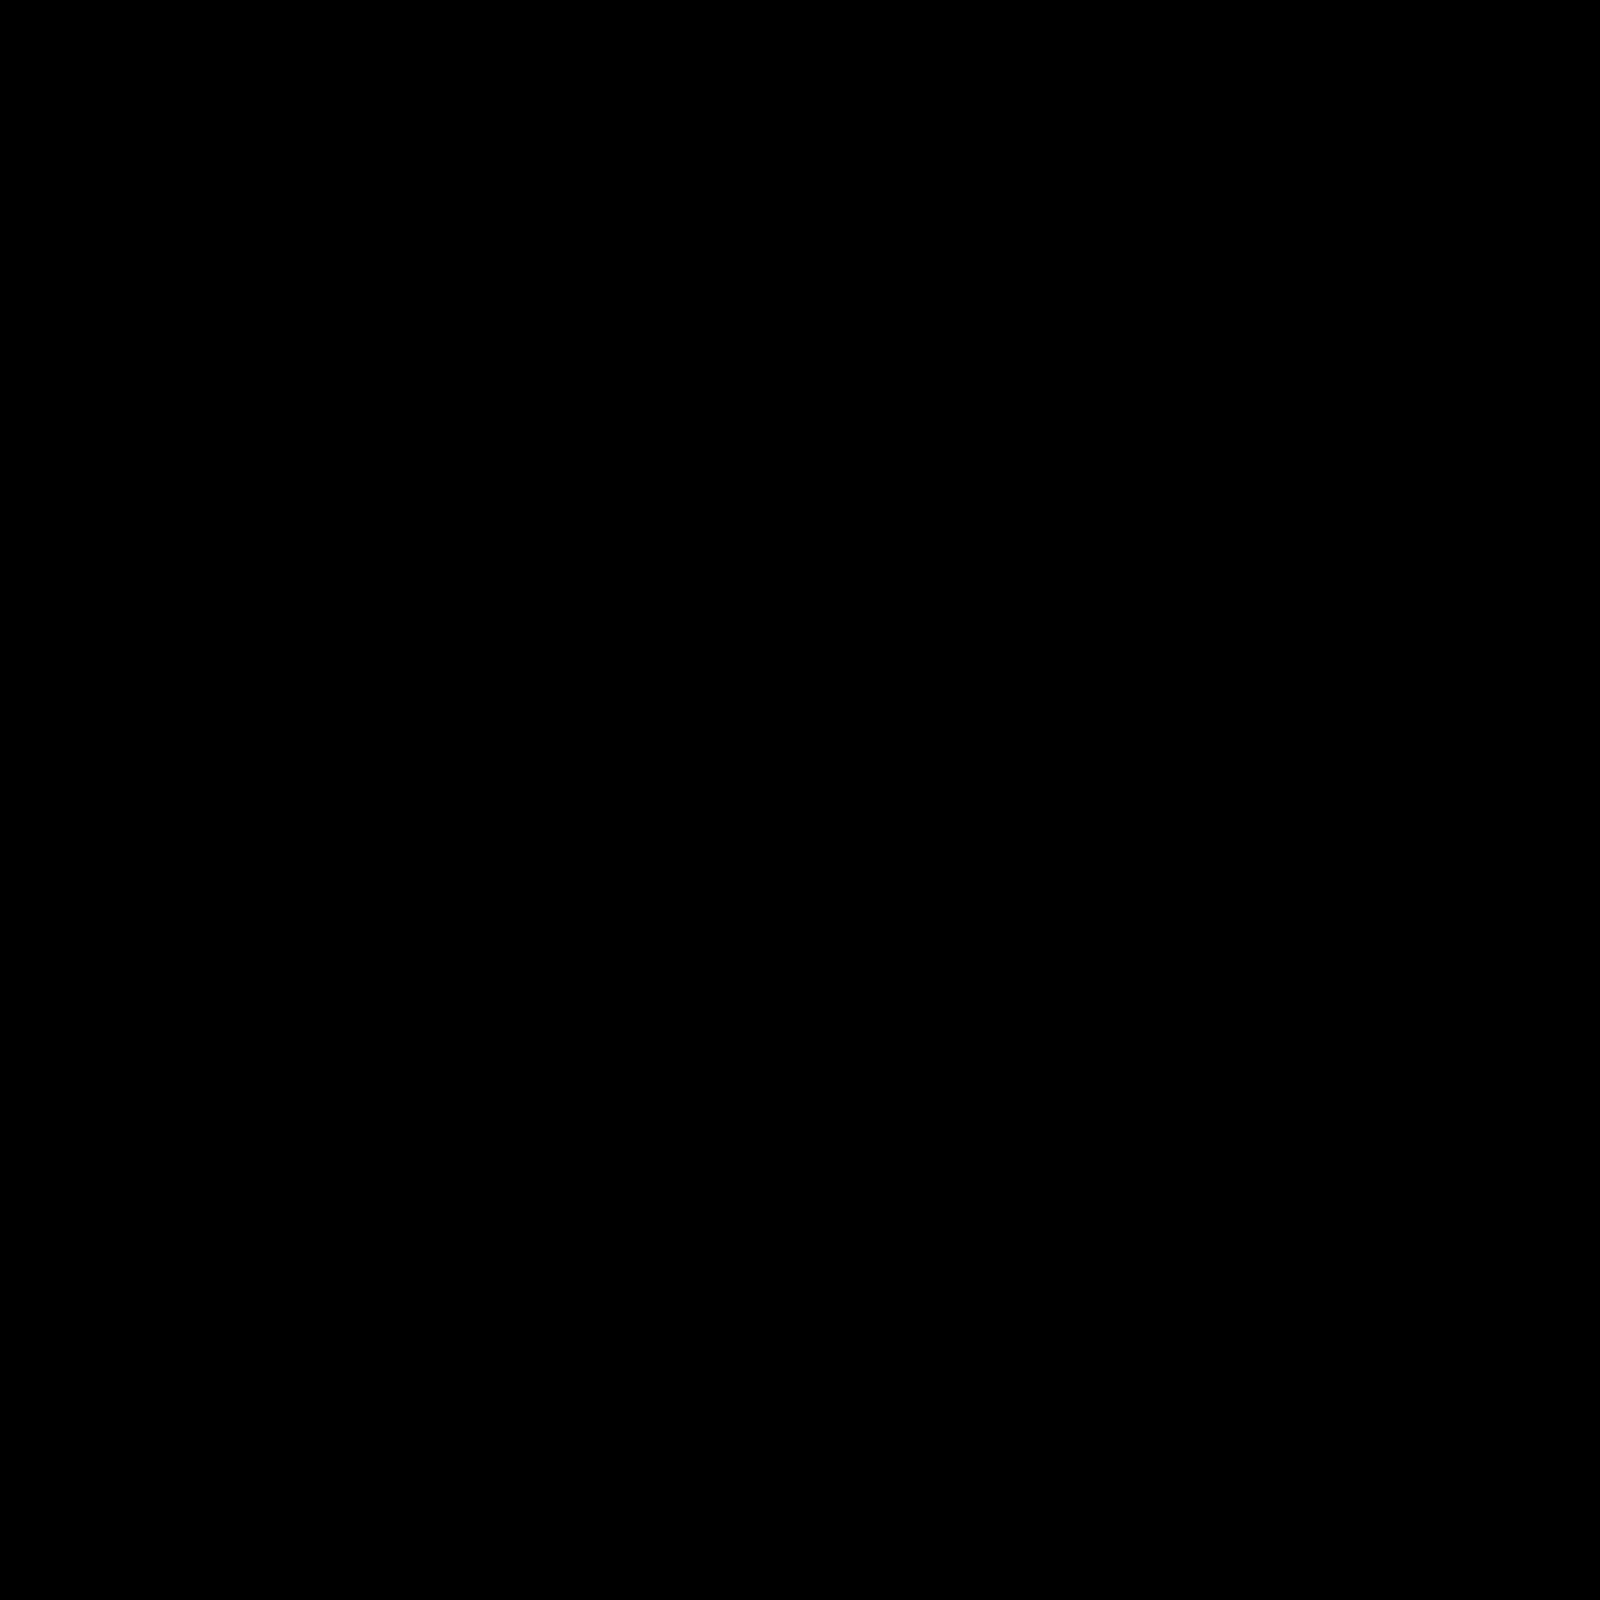 Wycieraczka ekranu icon